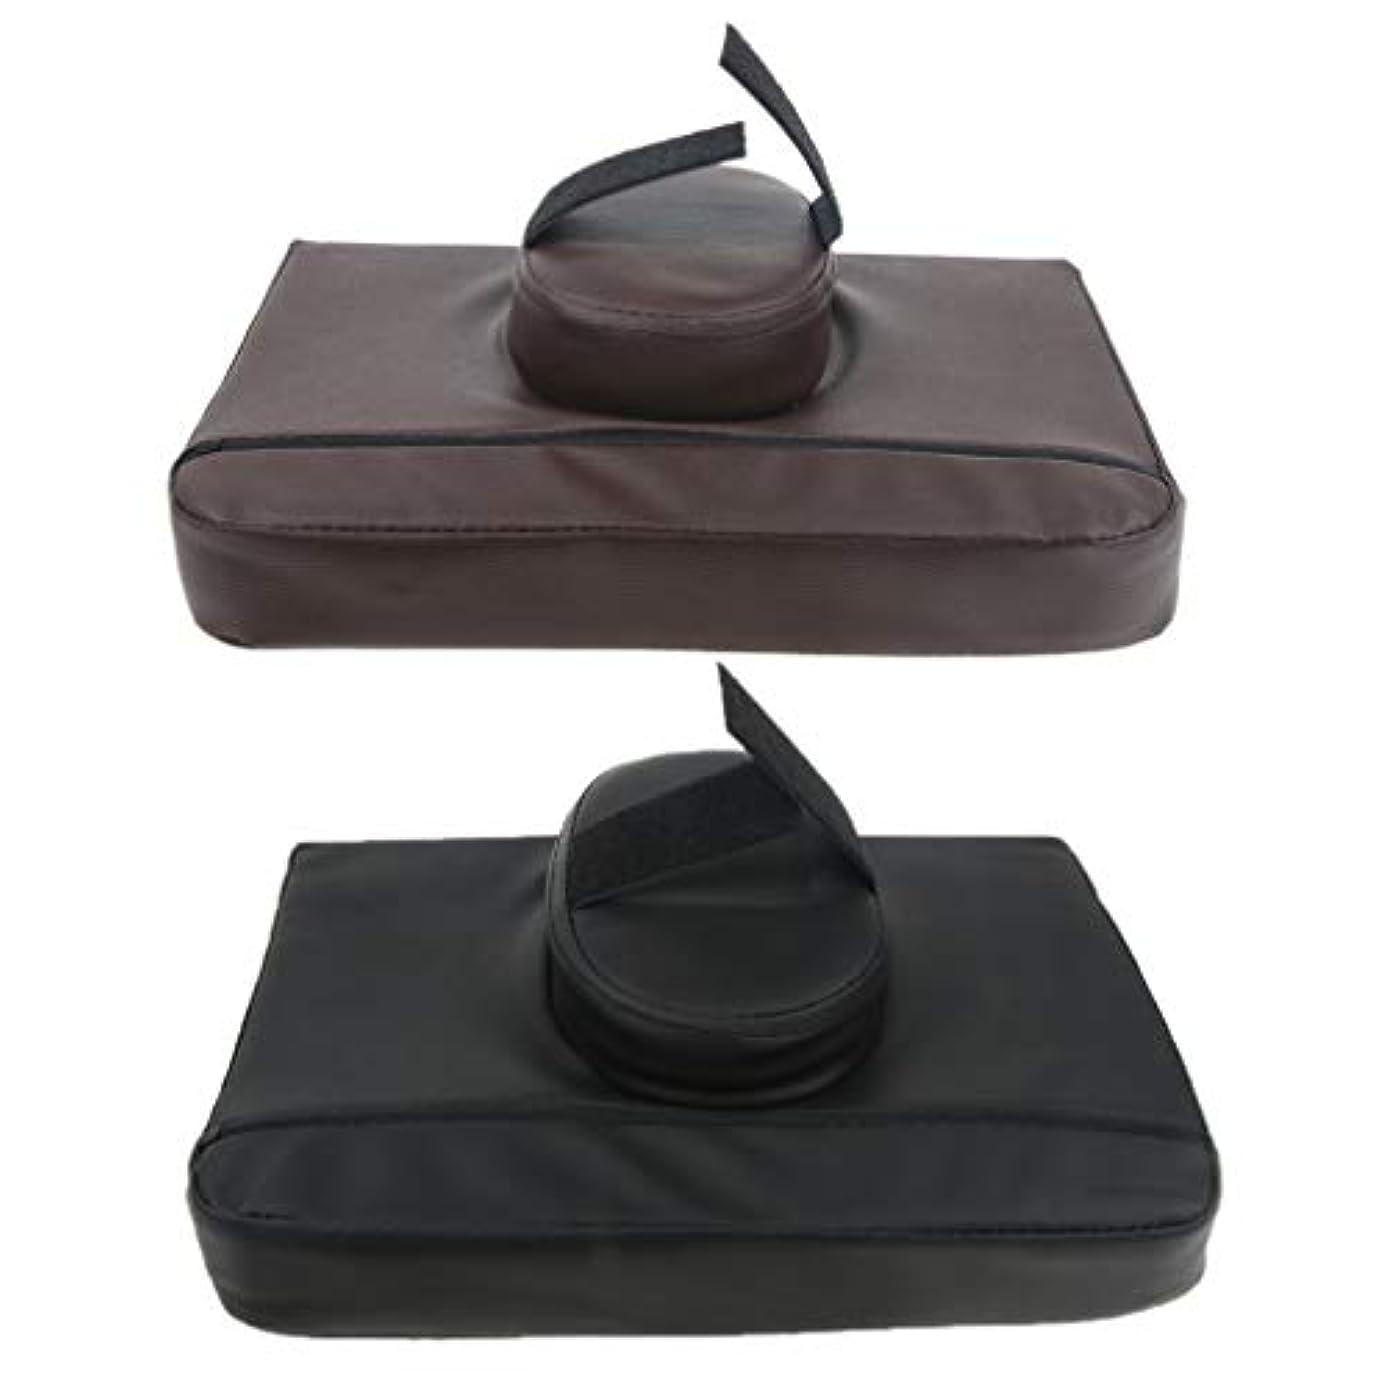 喜び成人期いろいろマッサージ枕 マッサージピロー スクエア マッサージテーブル用クッション 通気性 快適 実用的 2個